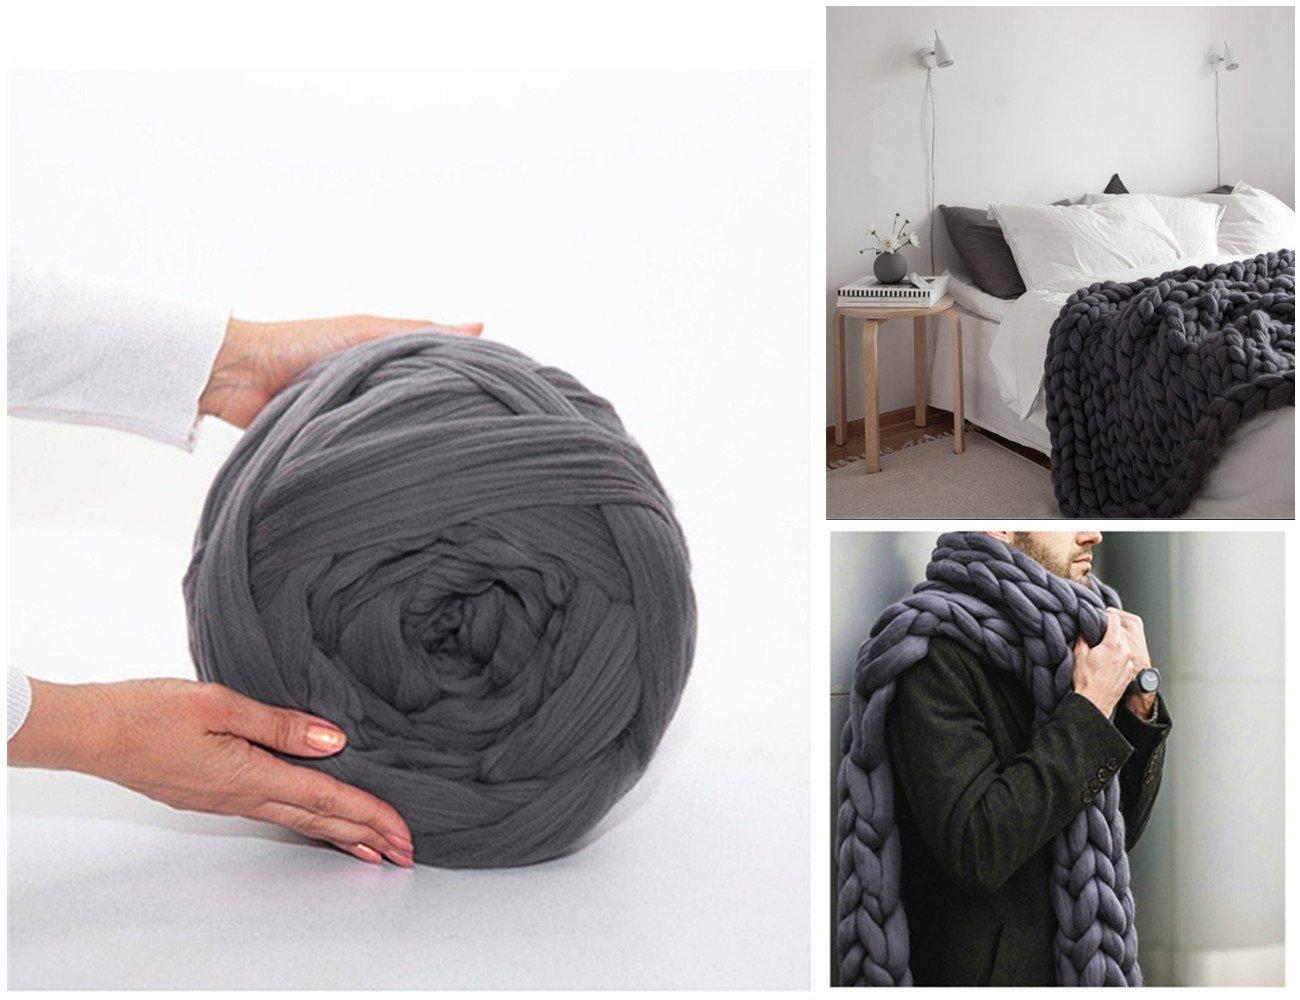 Arm Knitting Yarn Chunky Wool Yarn Bulky Wool Yarn Giant Knit Yarn Extreme Knitting (1.1lbs/0.5kg, Dark Grey)